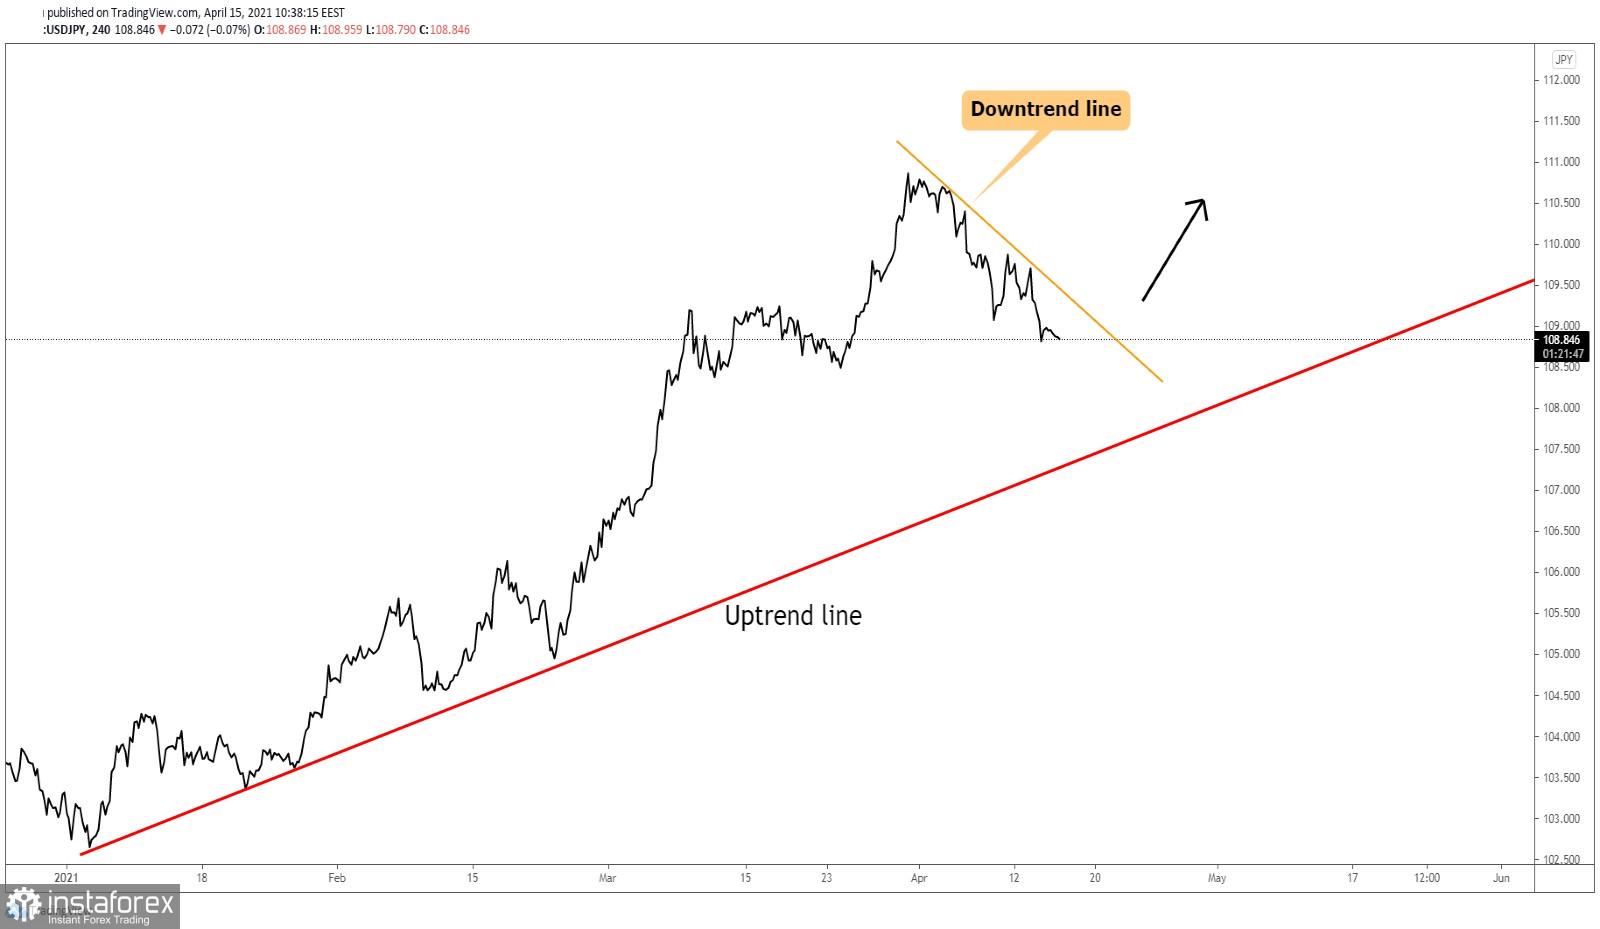 USD/JPY възходящият тренд е непокътнат!